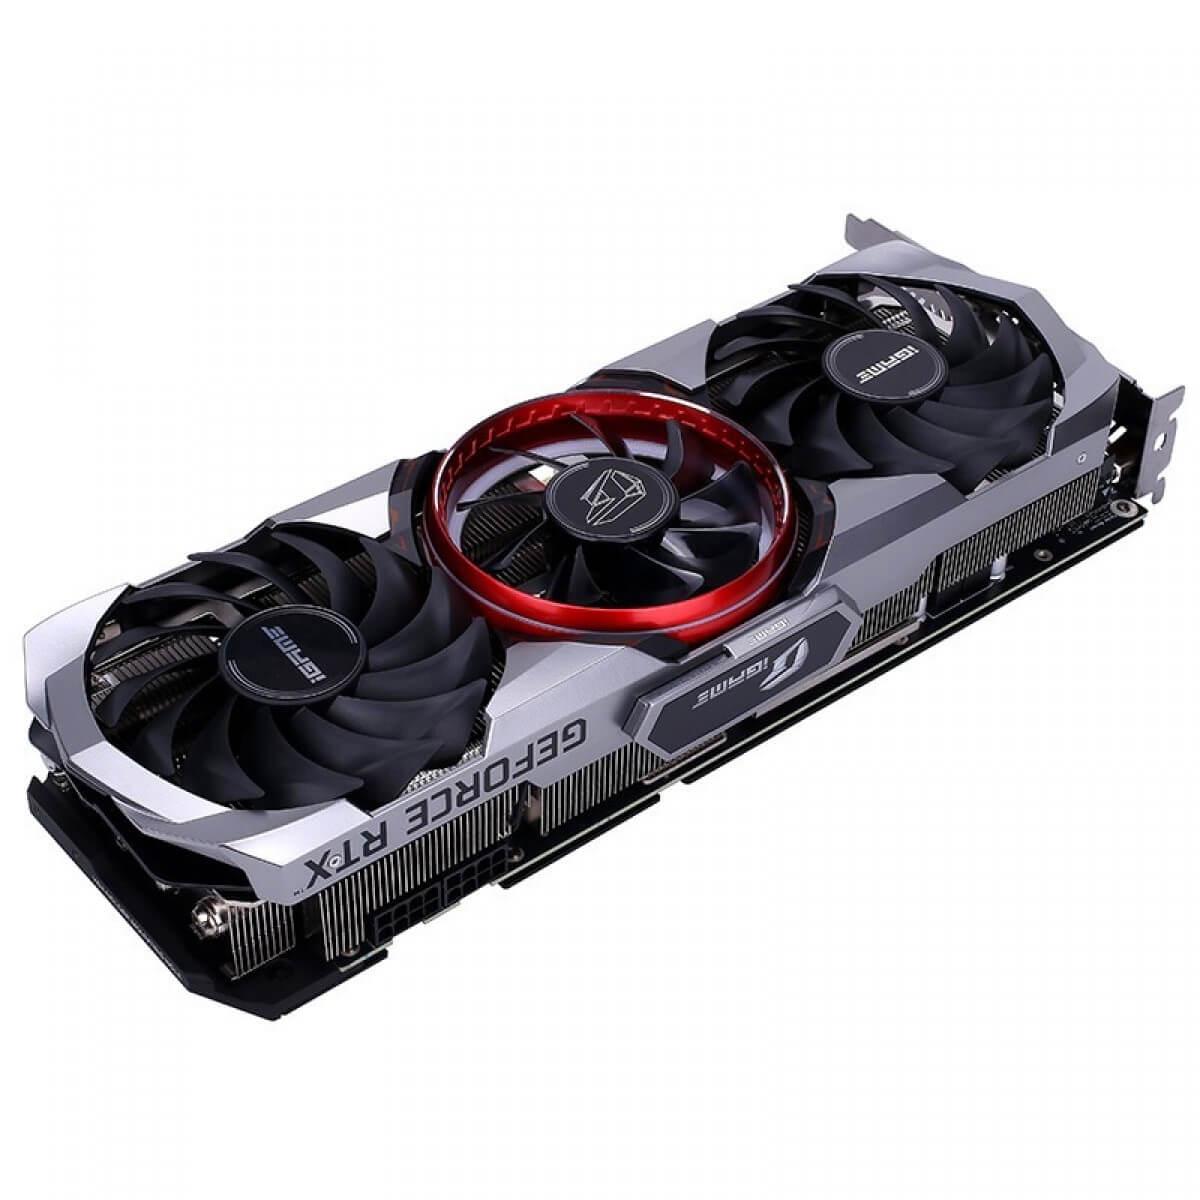 Placa de Vídeo Colorful GeForce iGame RTX 3070 Advanced OC-V 8GB GDDR6 256Bit 212326116801